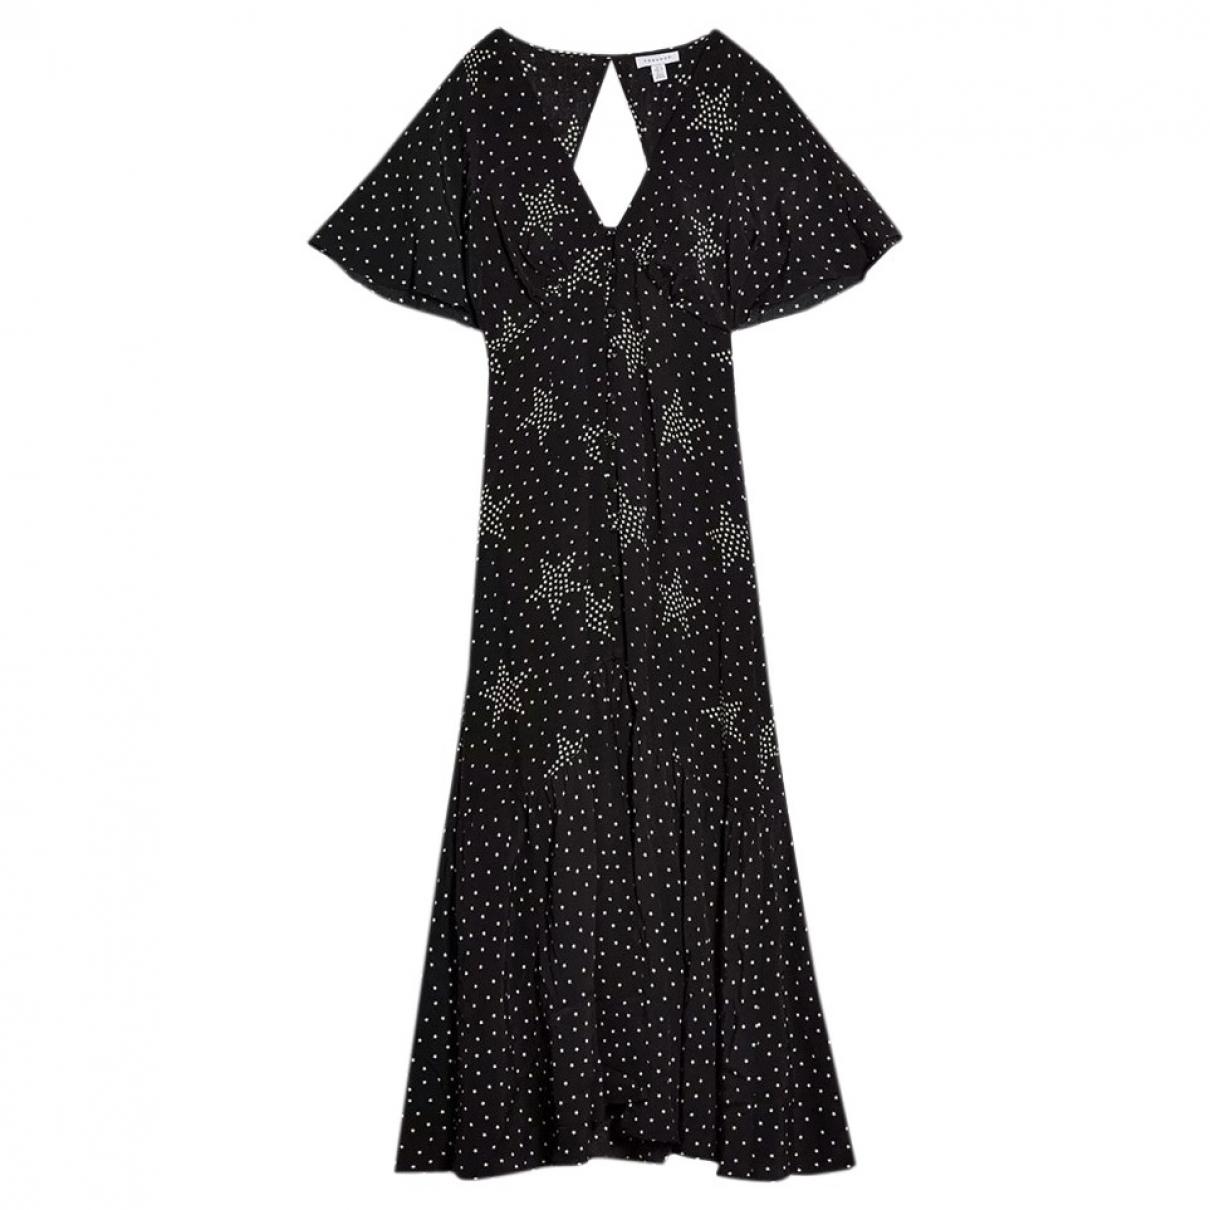 Tophop \N Kleid in  Schwarz Viskose